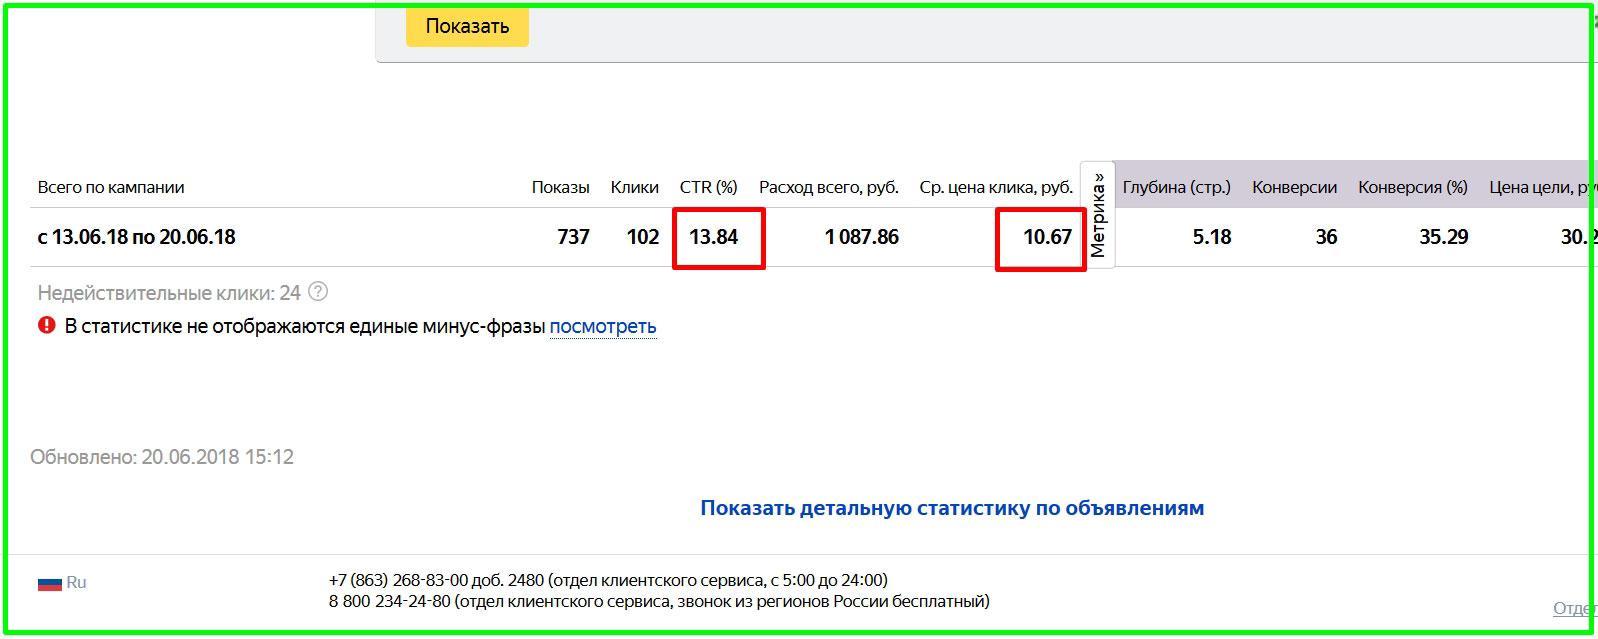 Примеры работ: кейсы по настройке контекстной рекламы Яндекс Директ и Google Adwords